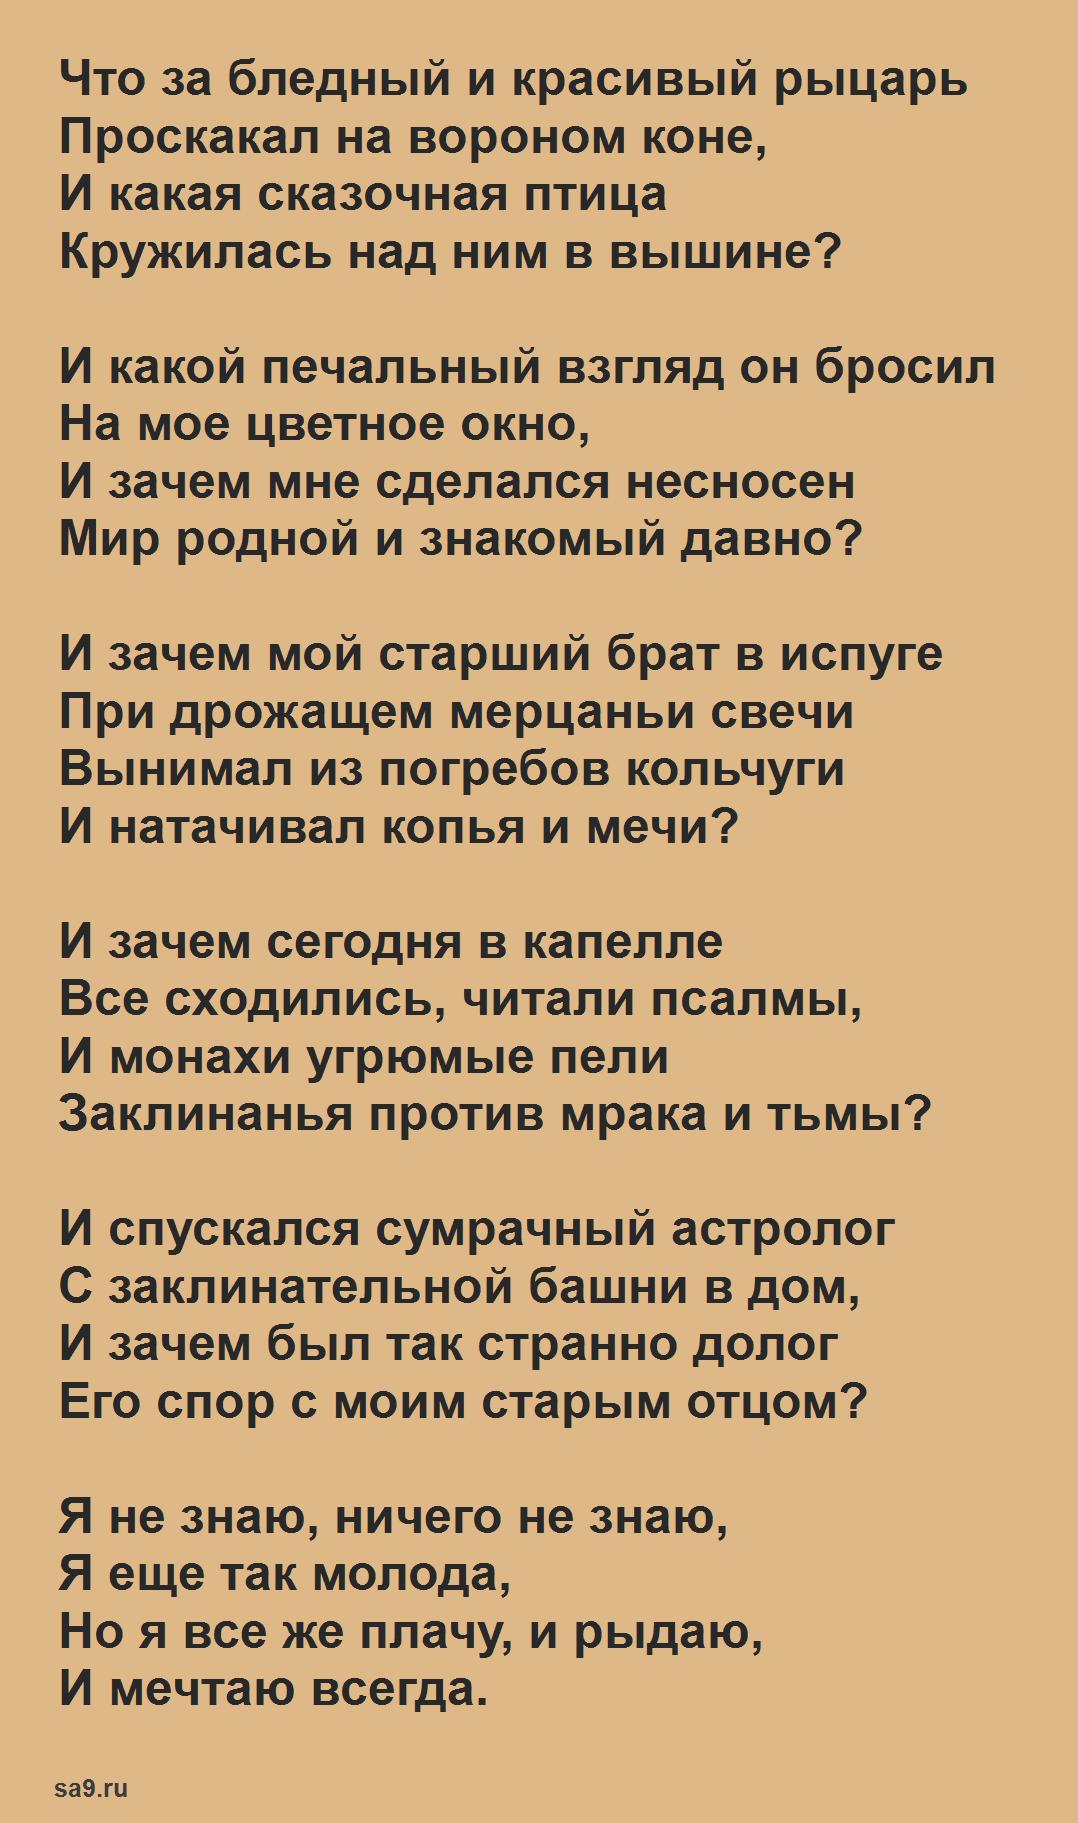 Николай Гумилев стихи - Влюбленная в дьявола